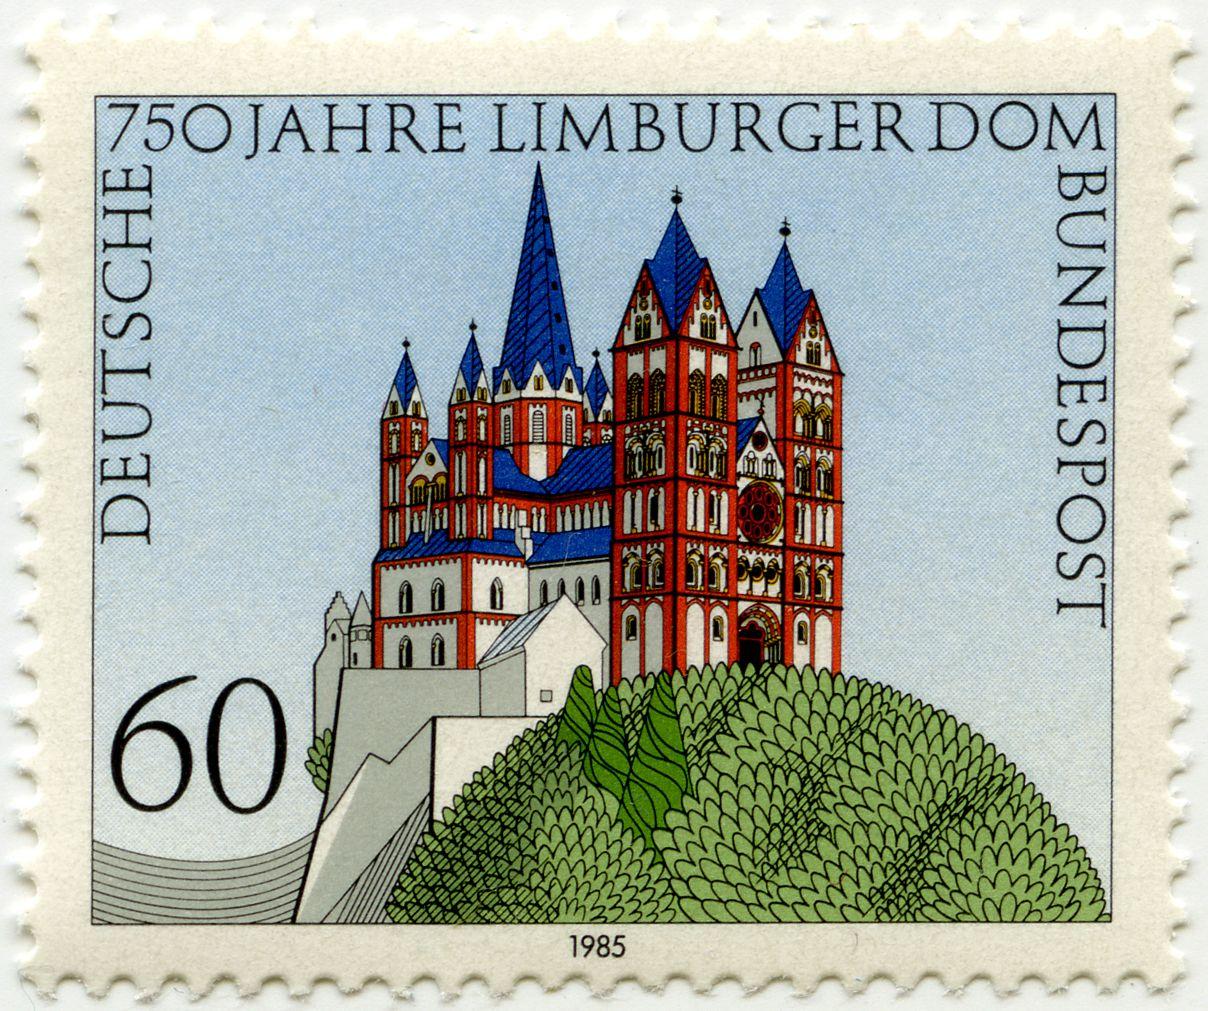 Limburger Dom Gesamtansicht